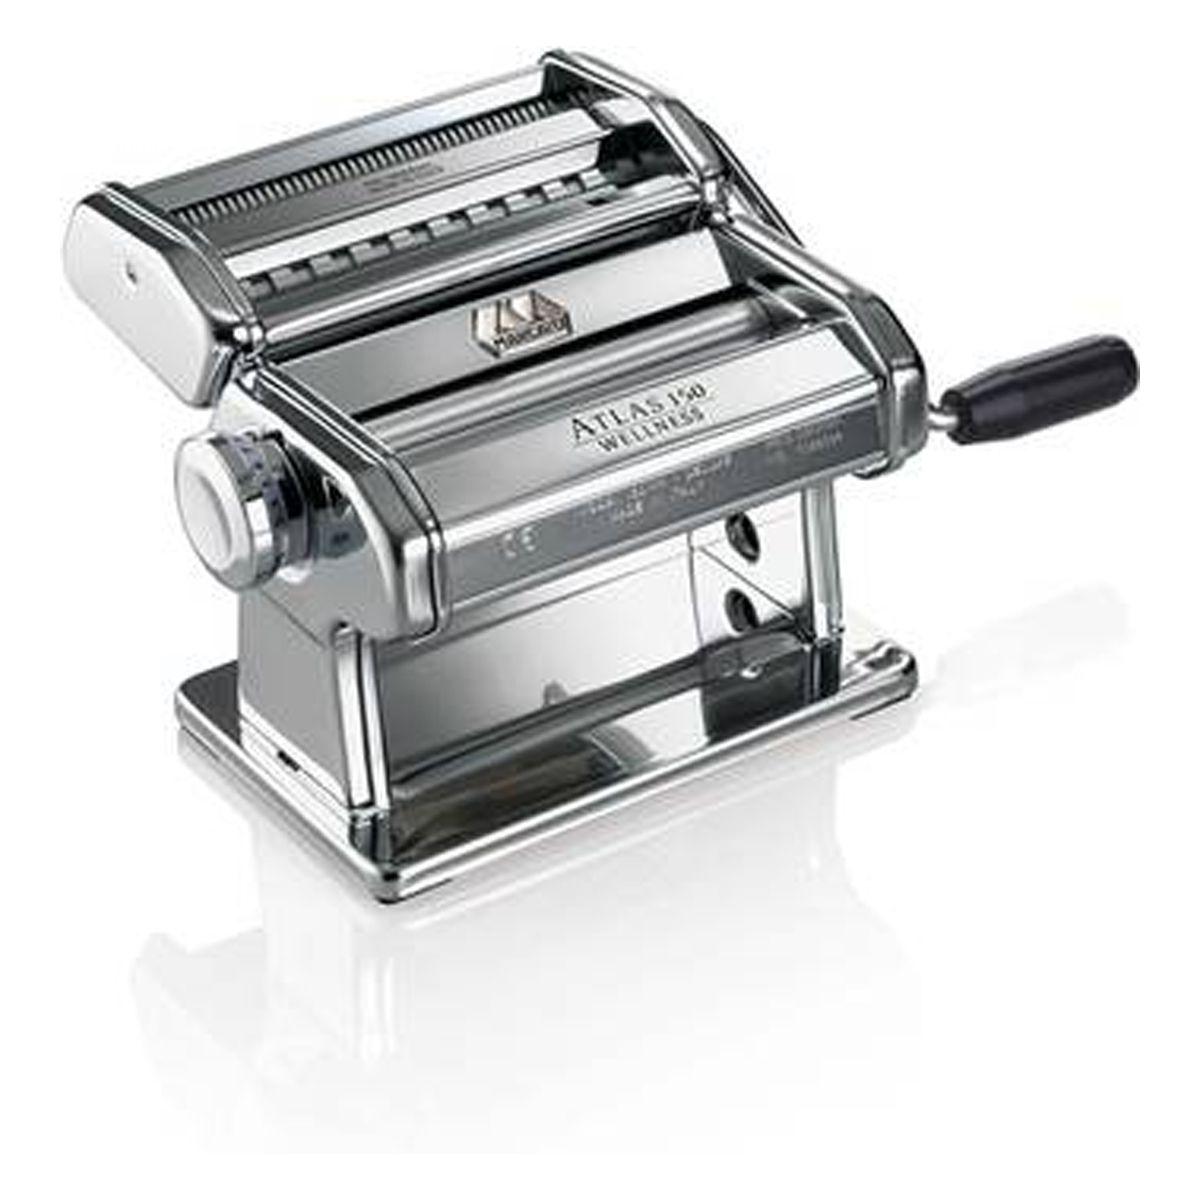 Machine à pâtes Atlas 150 chromée - Marcato